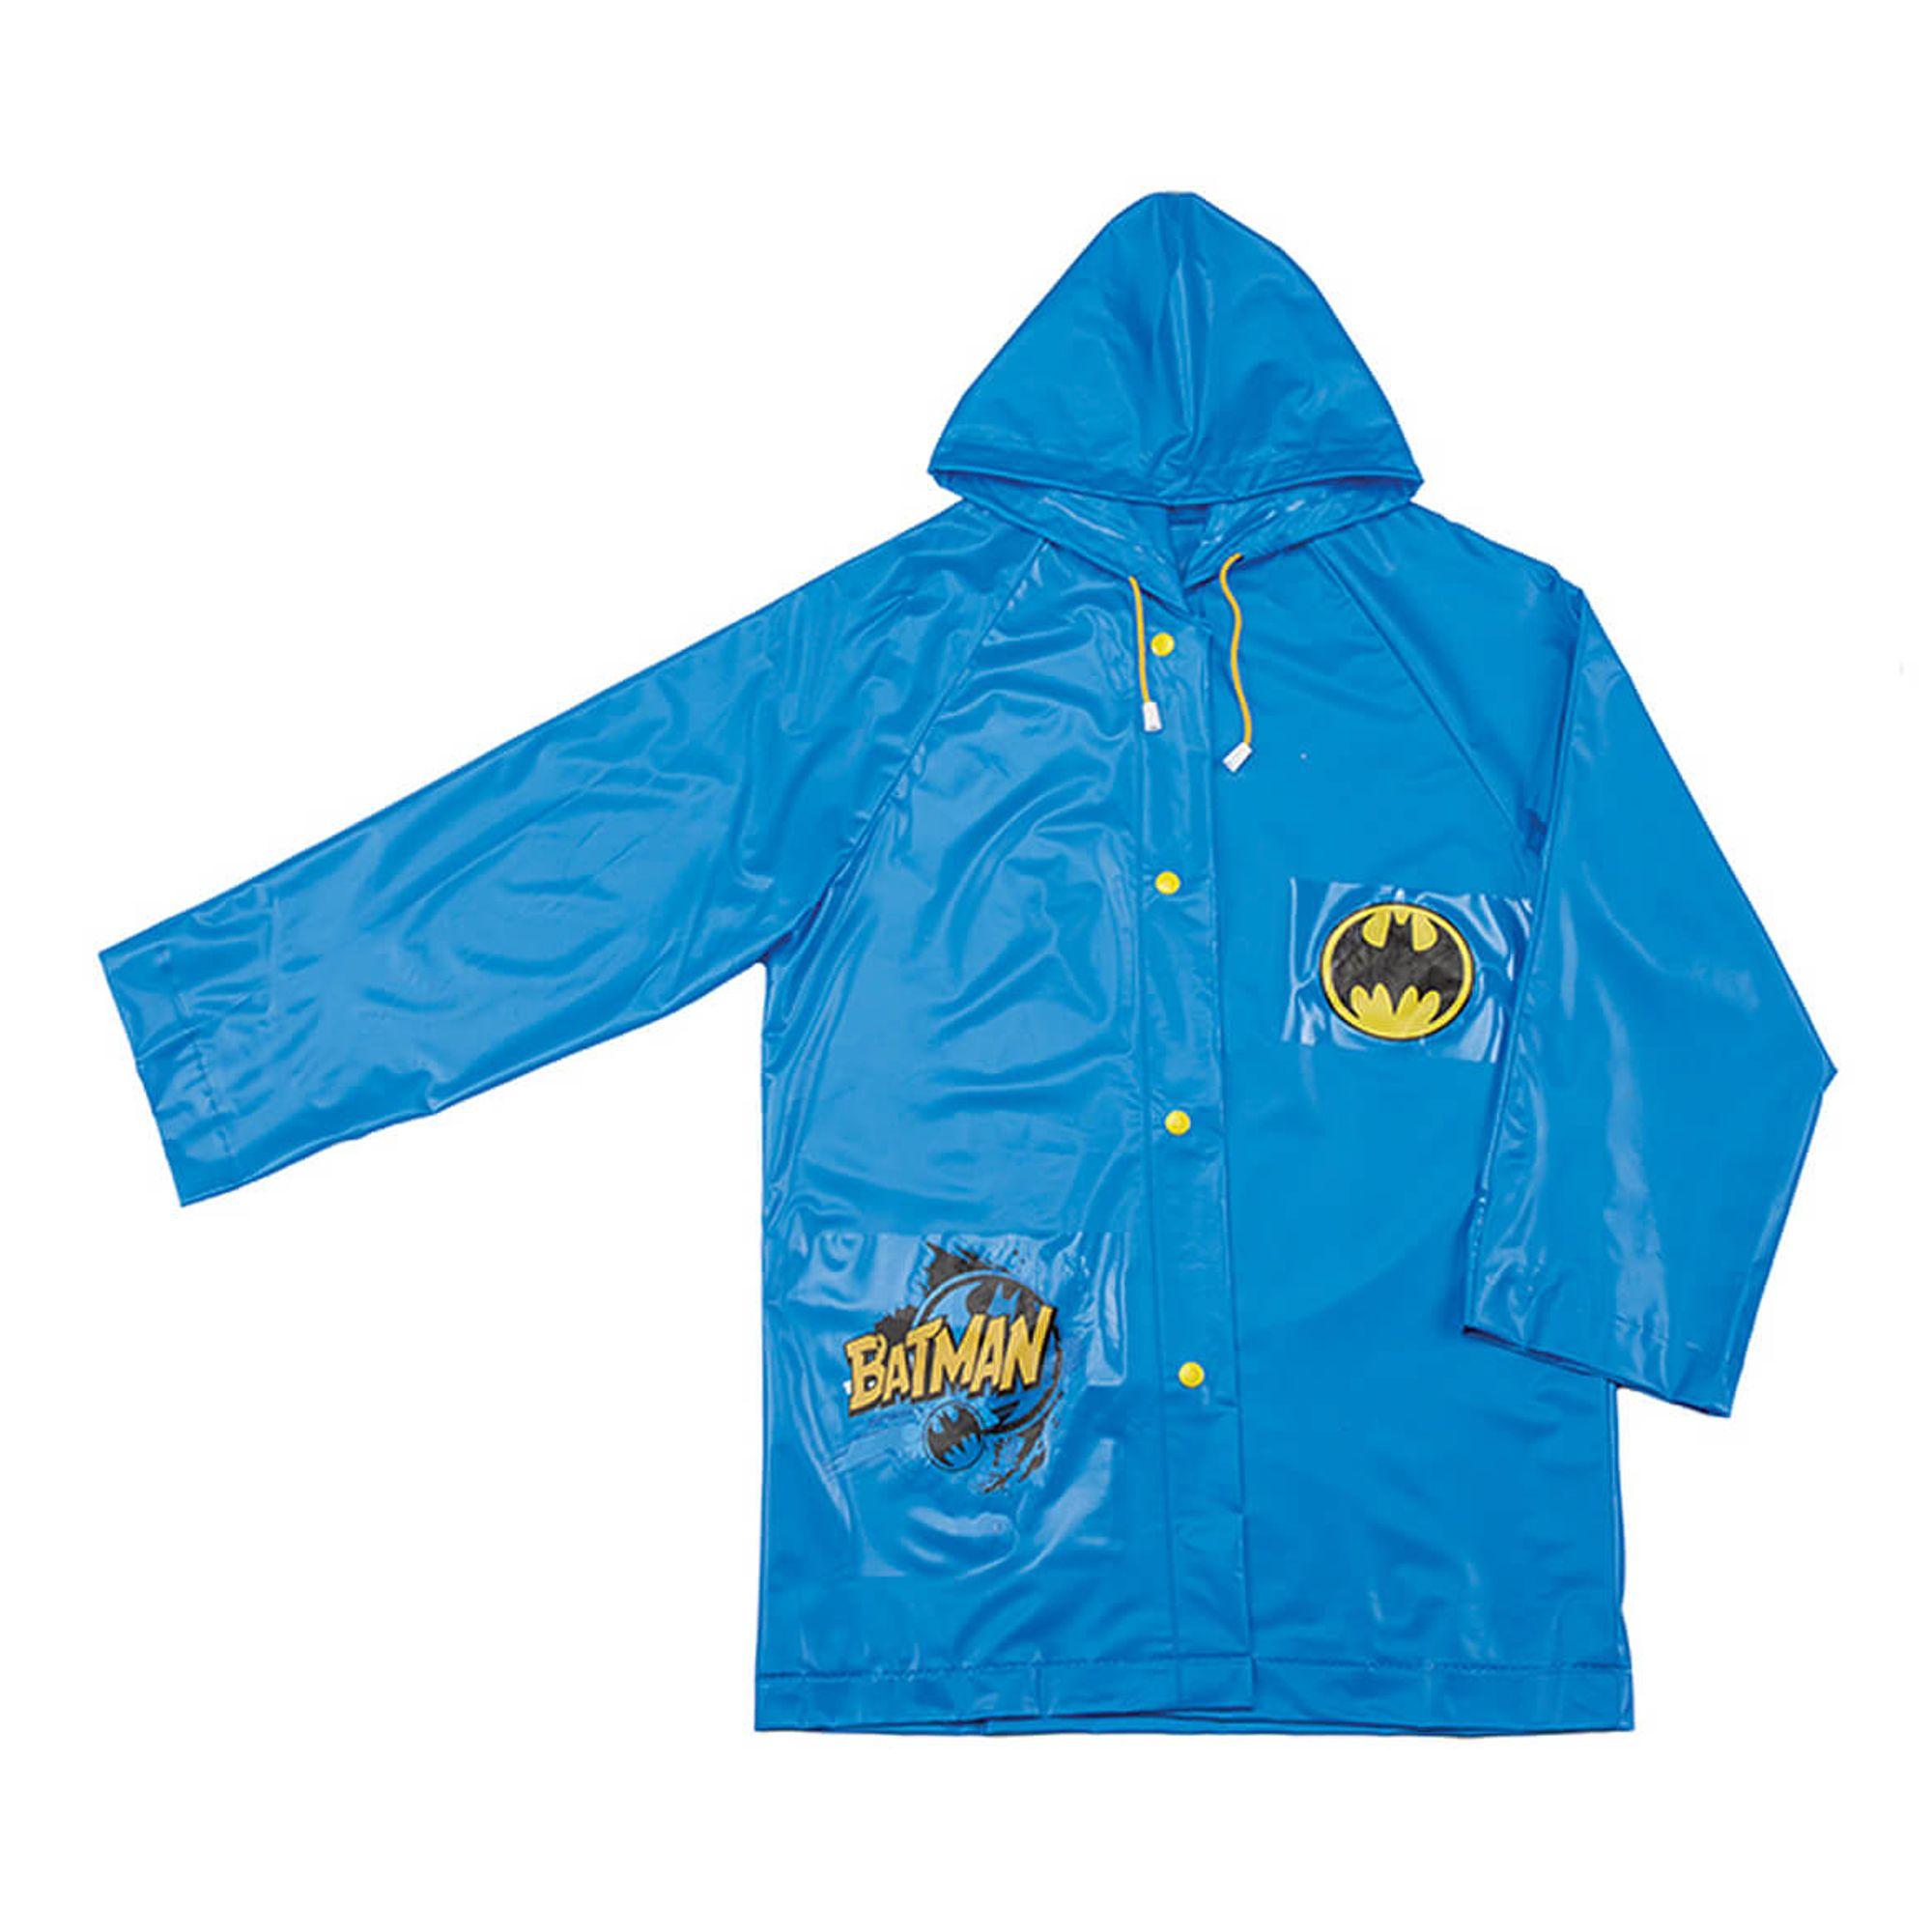 1aacdcf8ab4 Capa de Chuva Infantil Batman - EcaMeleca